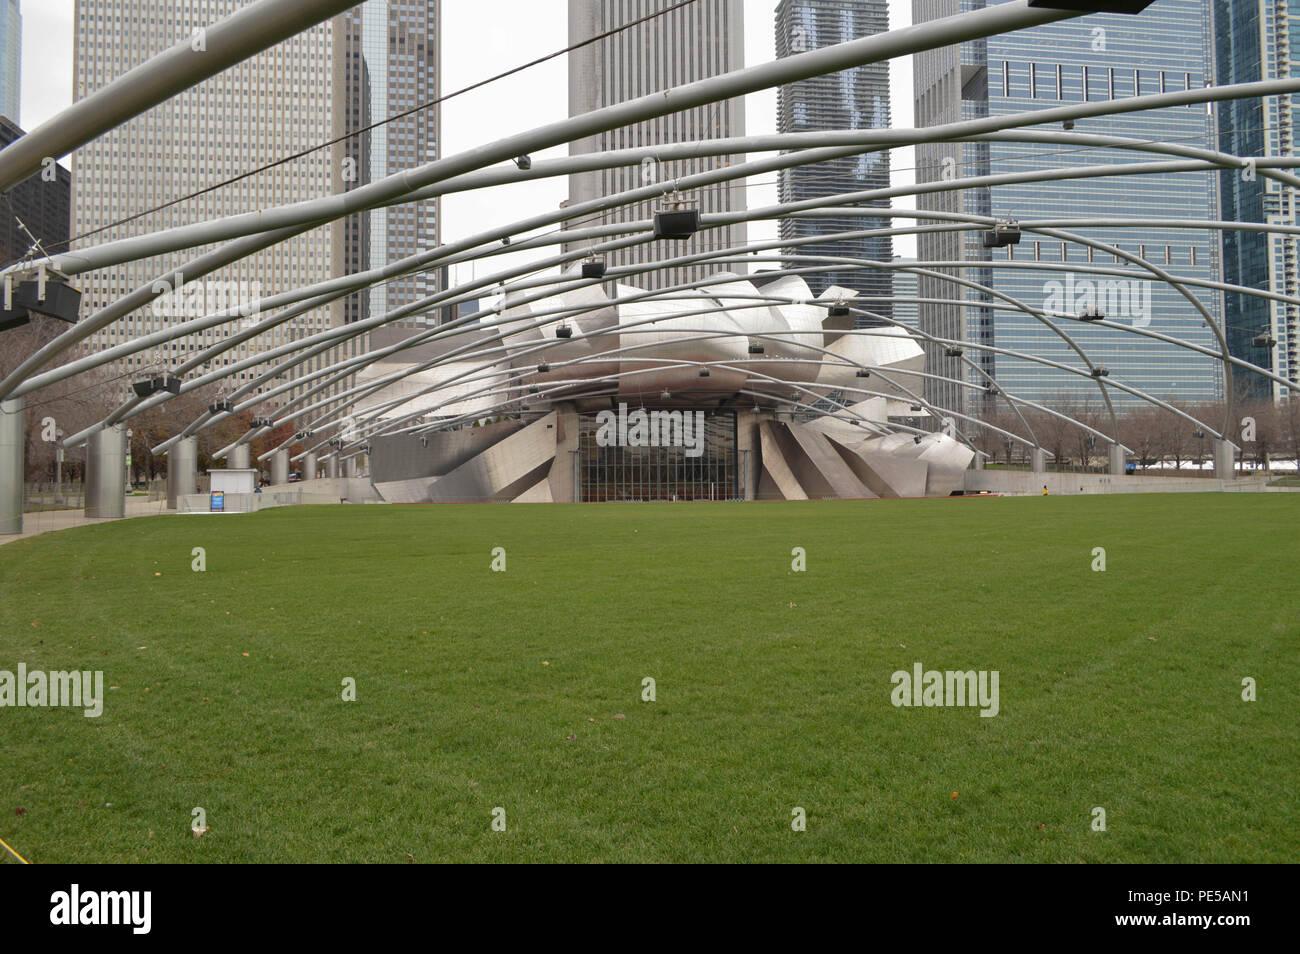 In der Nähe der Fotografie bis zu zeitgenössischen Architektur Design Jay Pritzker Pavilion Millennium Park Veranstaltungsort Innenstadt Gebäude Chicago Park Stockbild